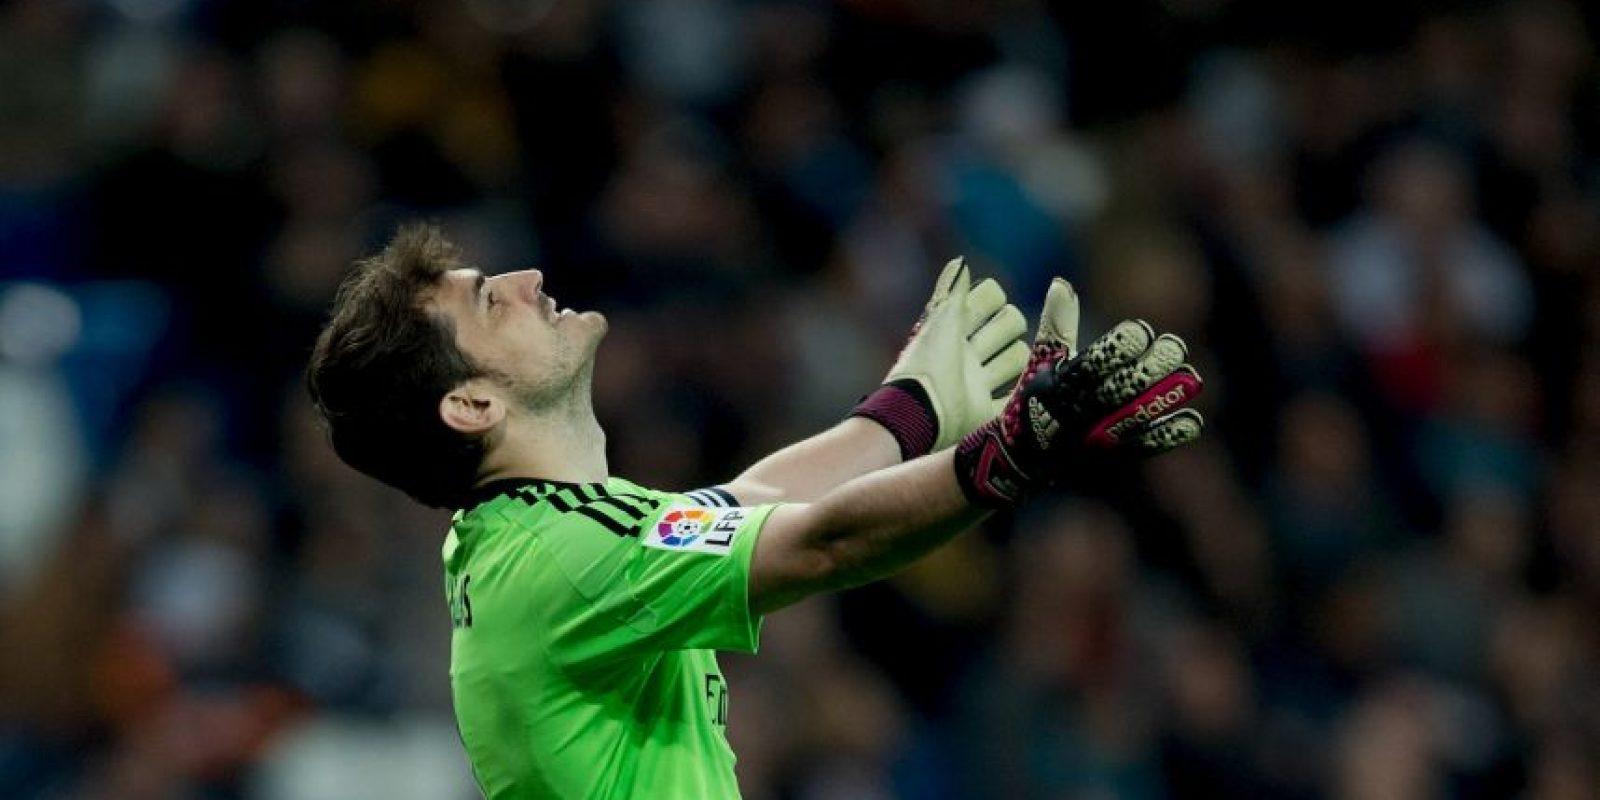 En las eliminatorias rumbo a la Eurocopa de 2016, Iker Casillas cometió un error que significó la derrota de España ante Eslovaquia. Todo porque en un tiro libre en contra, el arquero se confió de más y dejó que Kicka le anotara. Foto:Getty Images